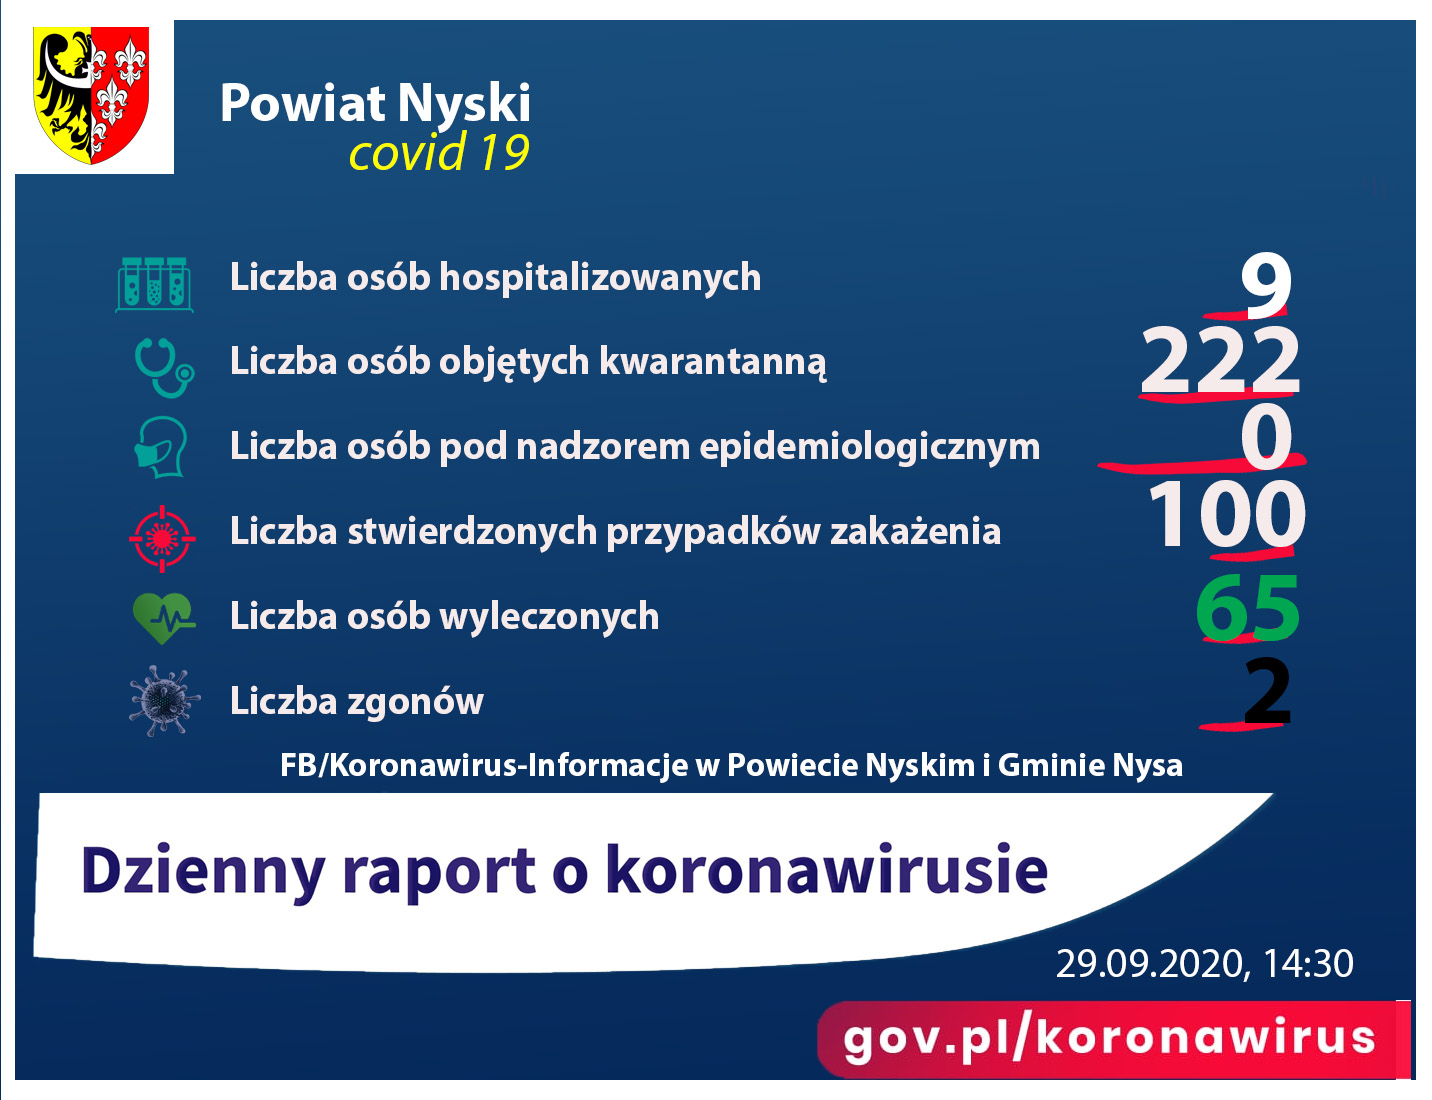 Raport - liczba zakażonych 100, ozdrowieńców 65, zgony 2, pod nadzorem 0, kwarantanna 222